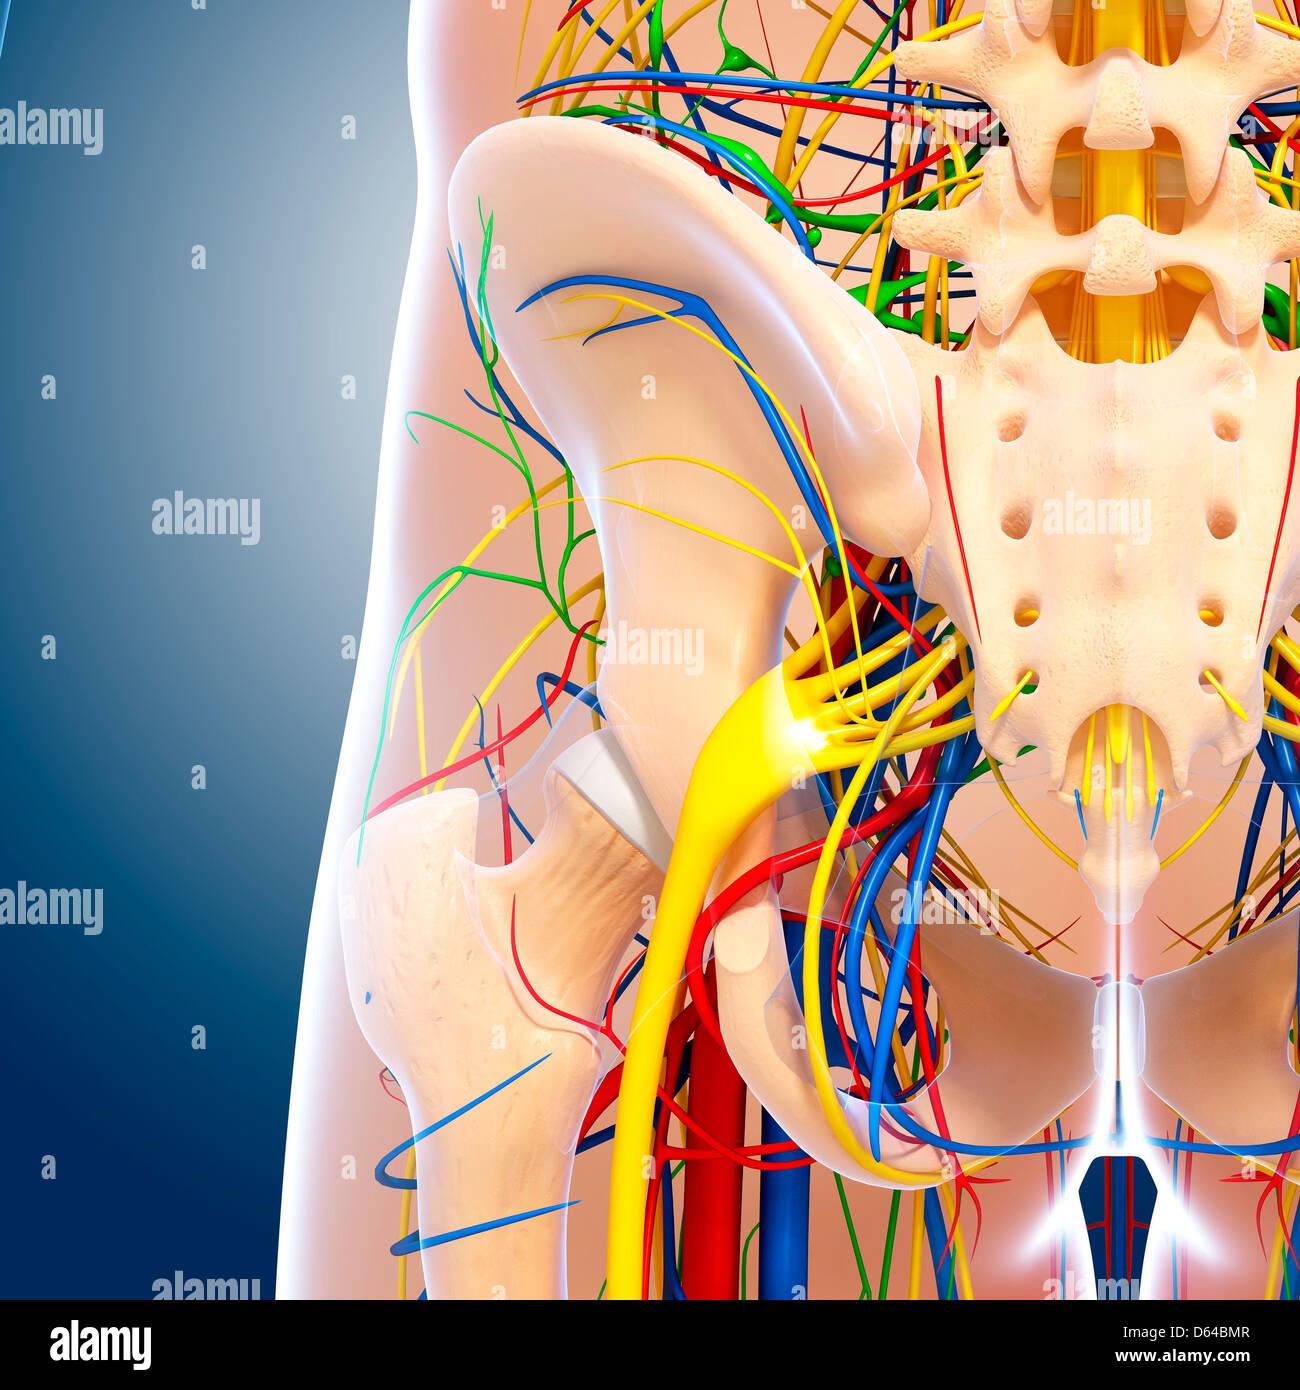 Becken-Anatomie, artwork Stockfoto, Bild: 55416055 - Alamy